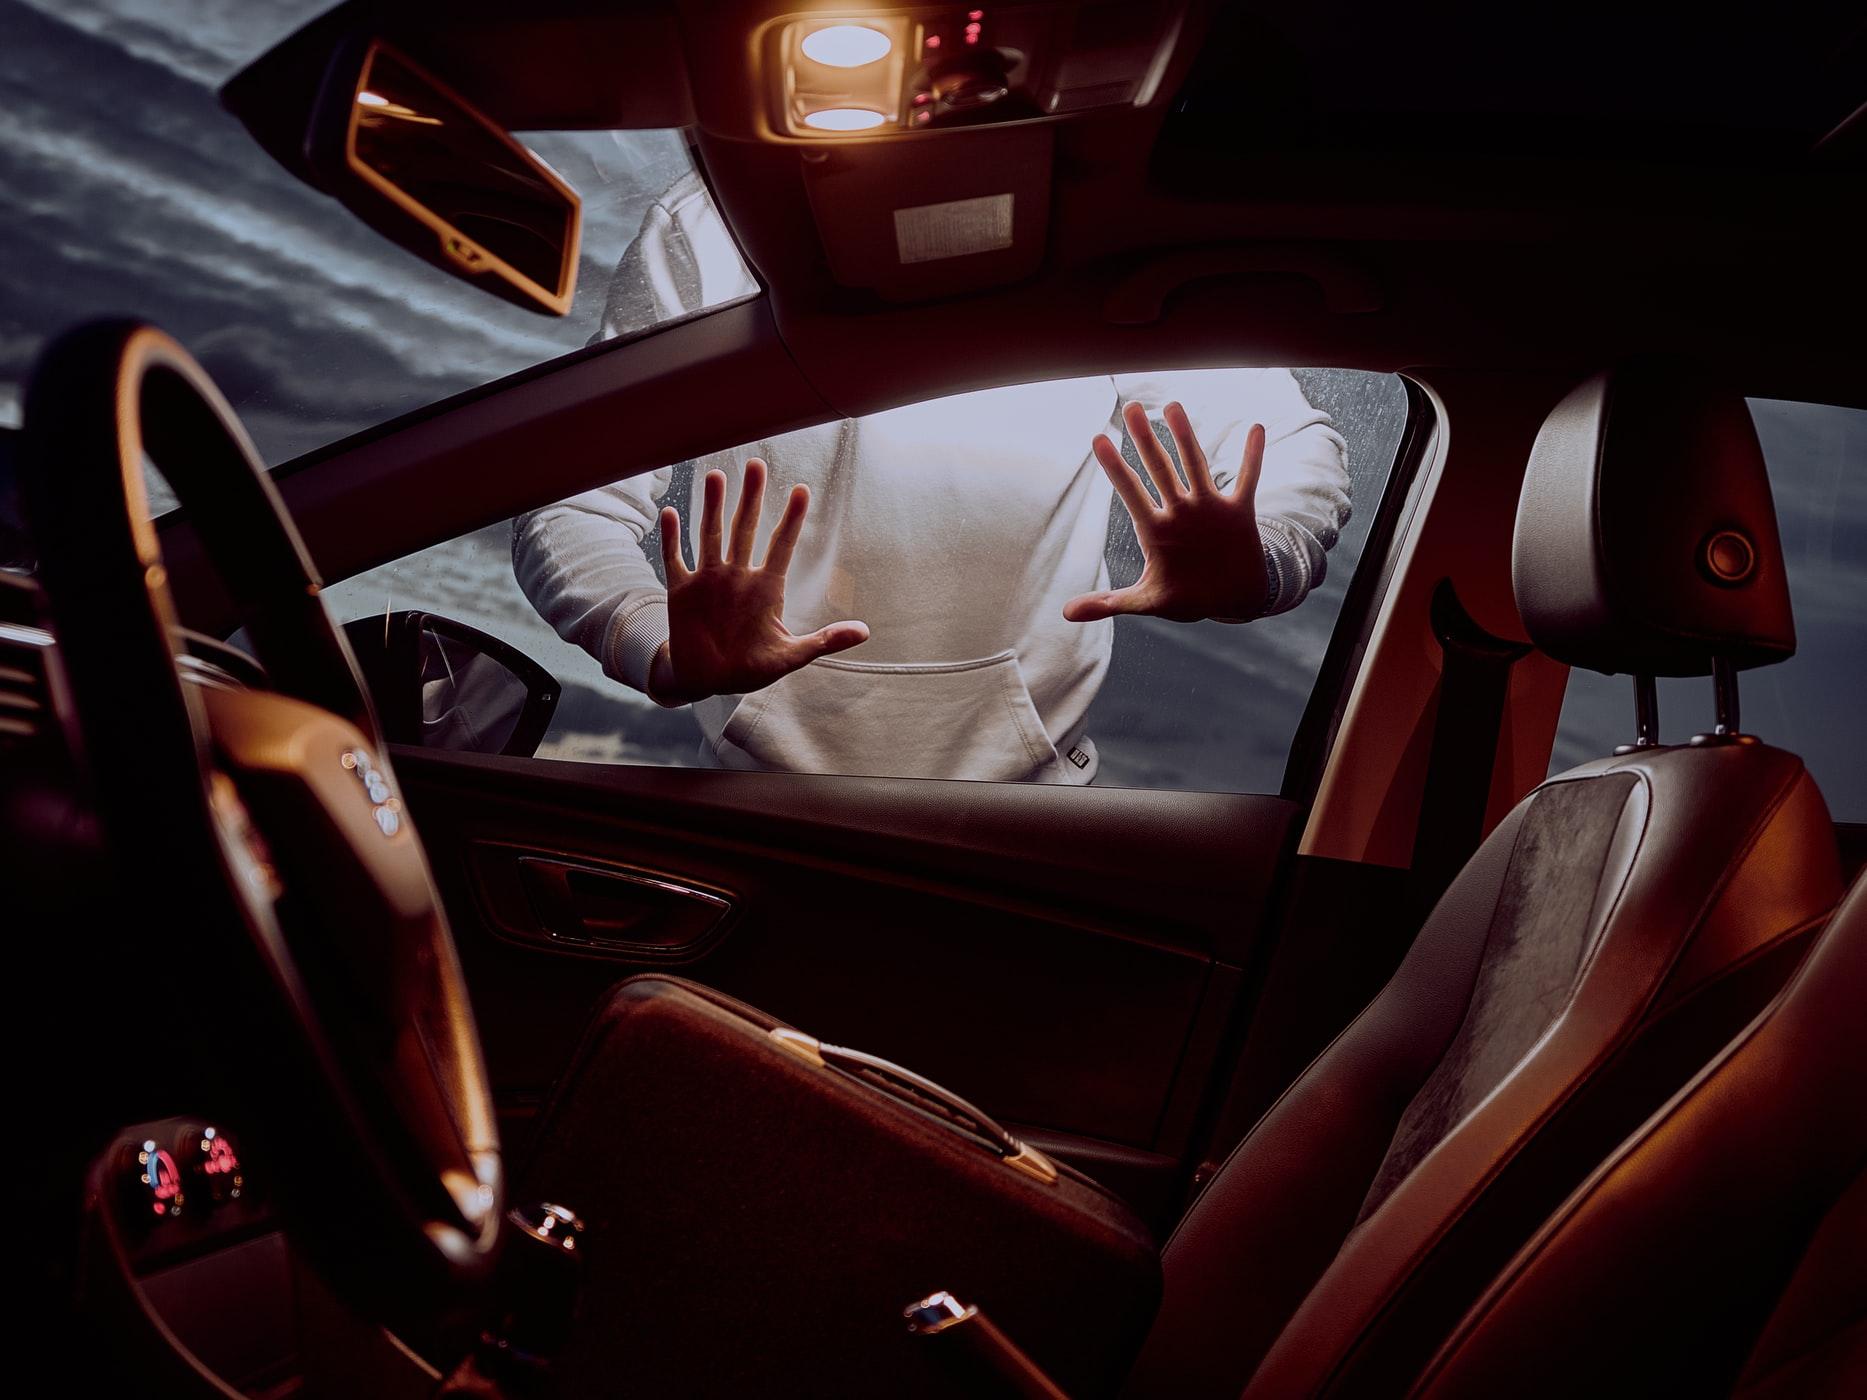 car window, car sun shade, yescomusa